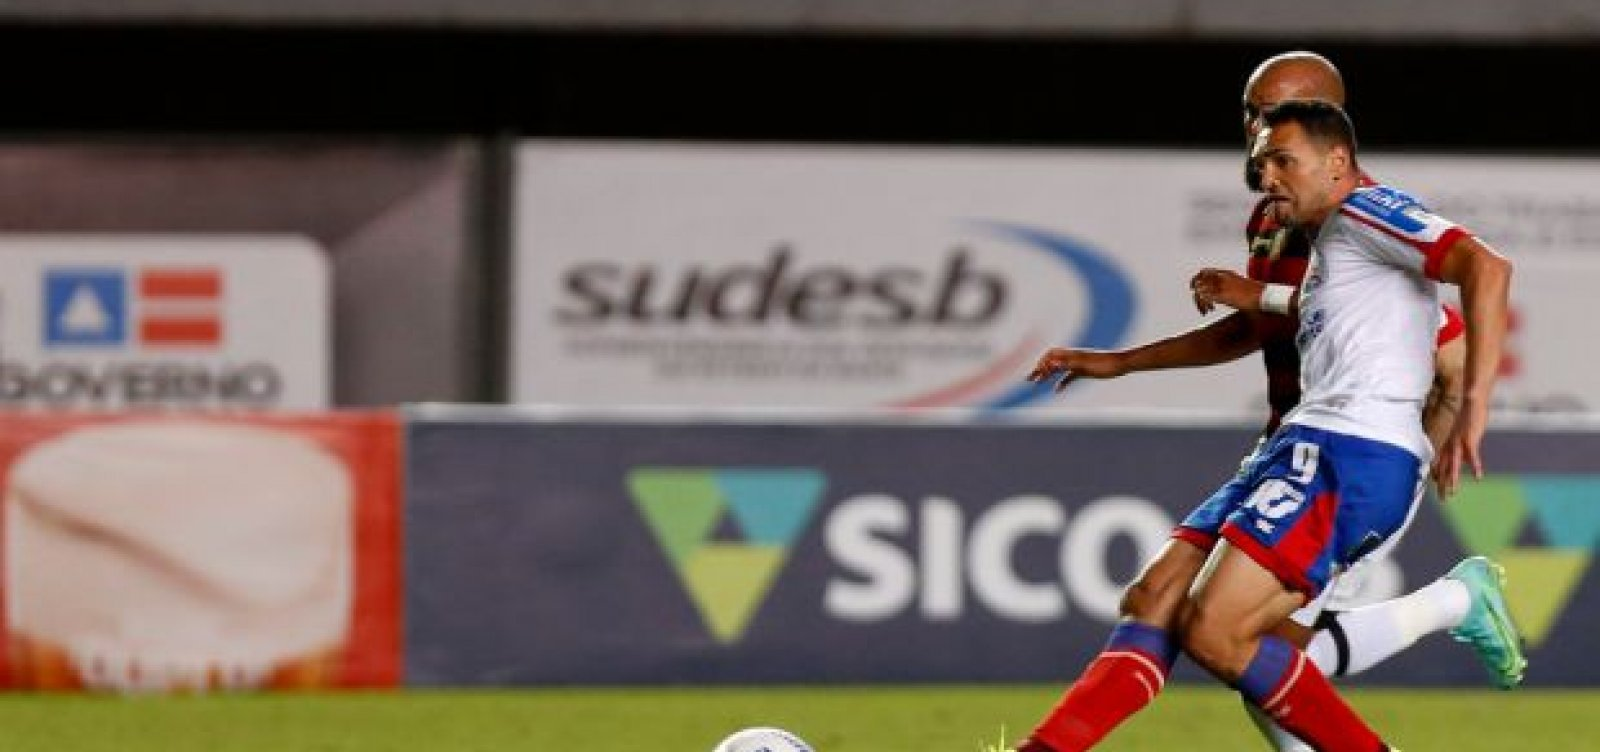 No pior momento da temporada, Bahia tem 'dado mole' e treinador balança no cargo